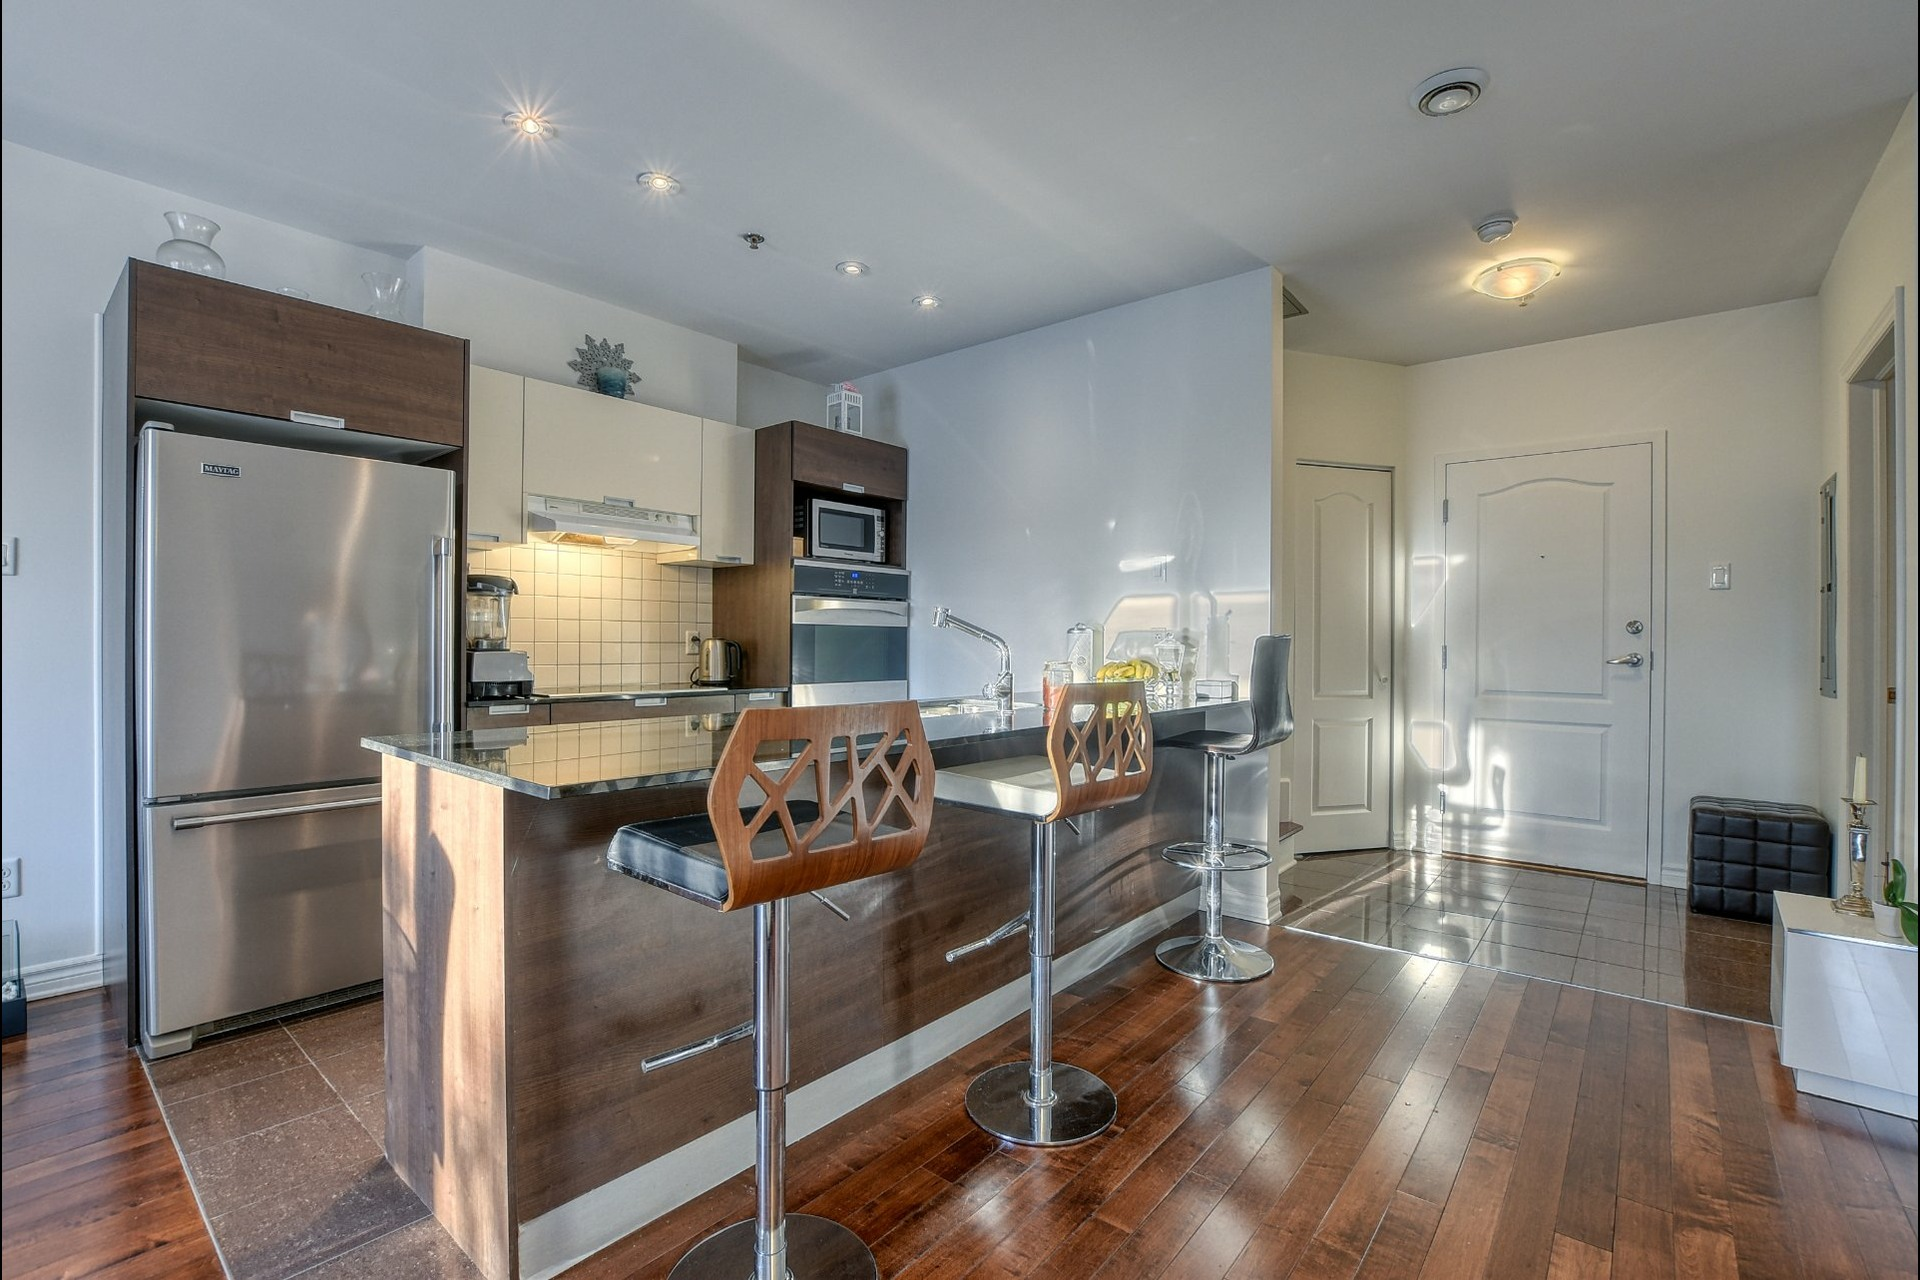 image 1 - Apartment For sale Saint-Laurent Montréal  - 7 rooms